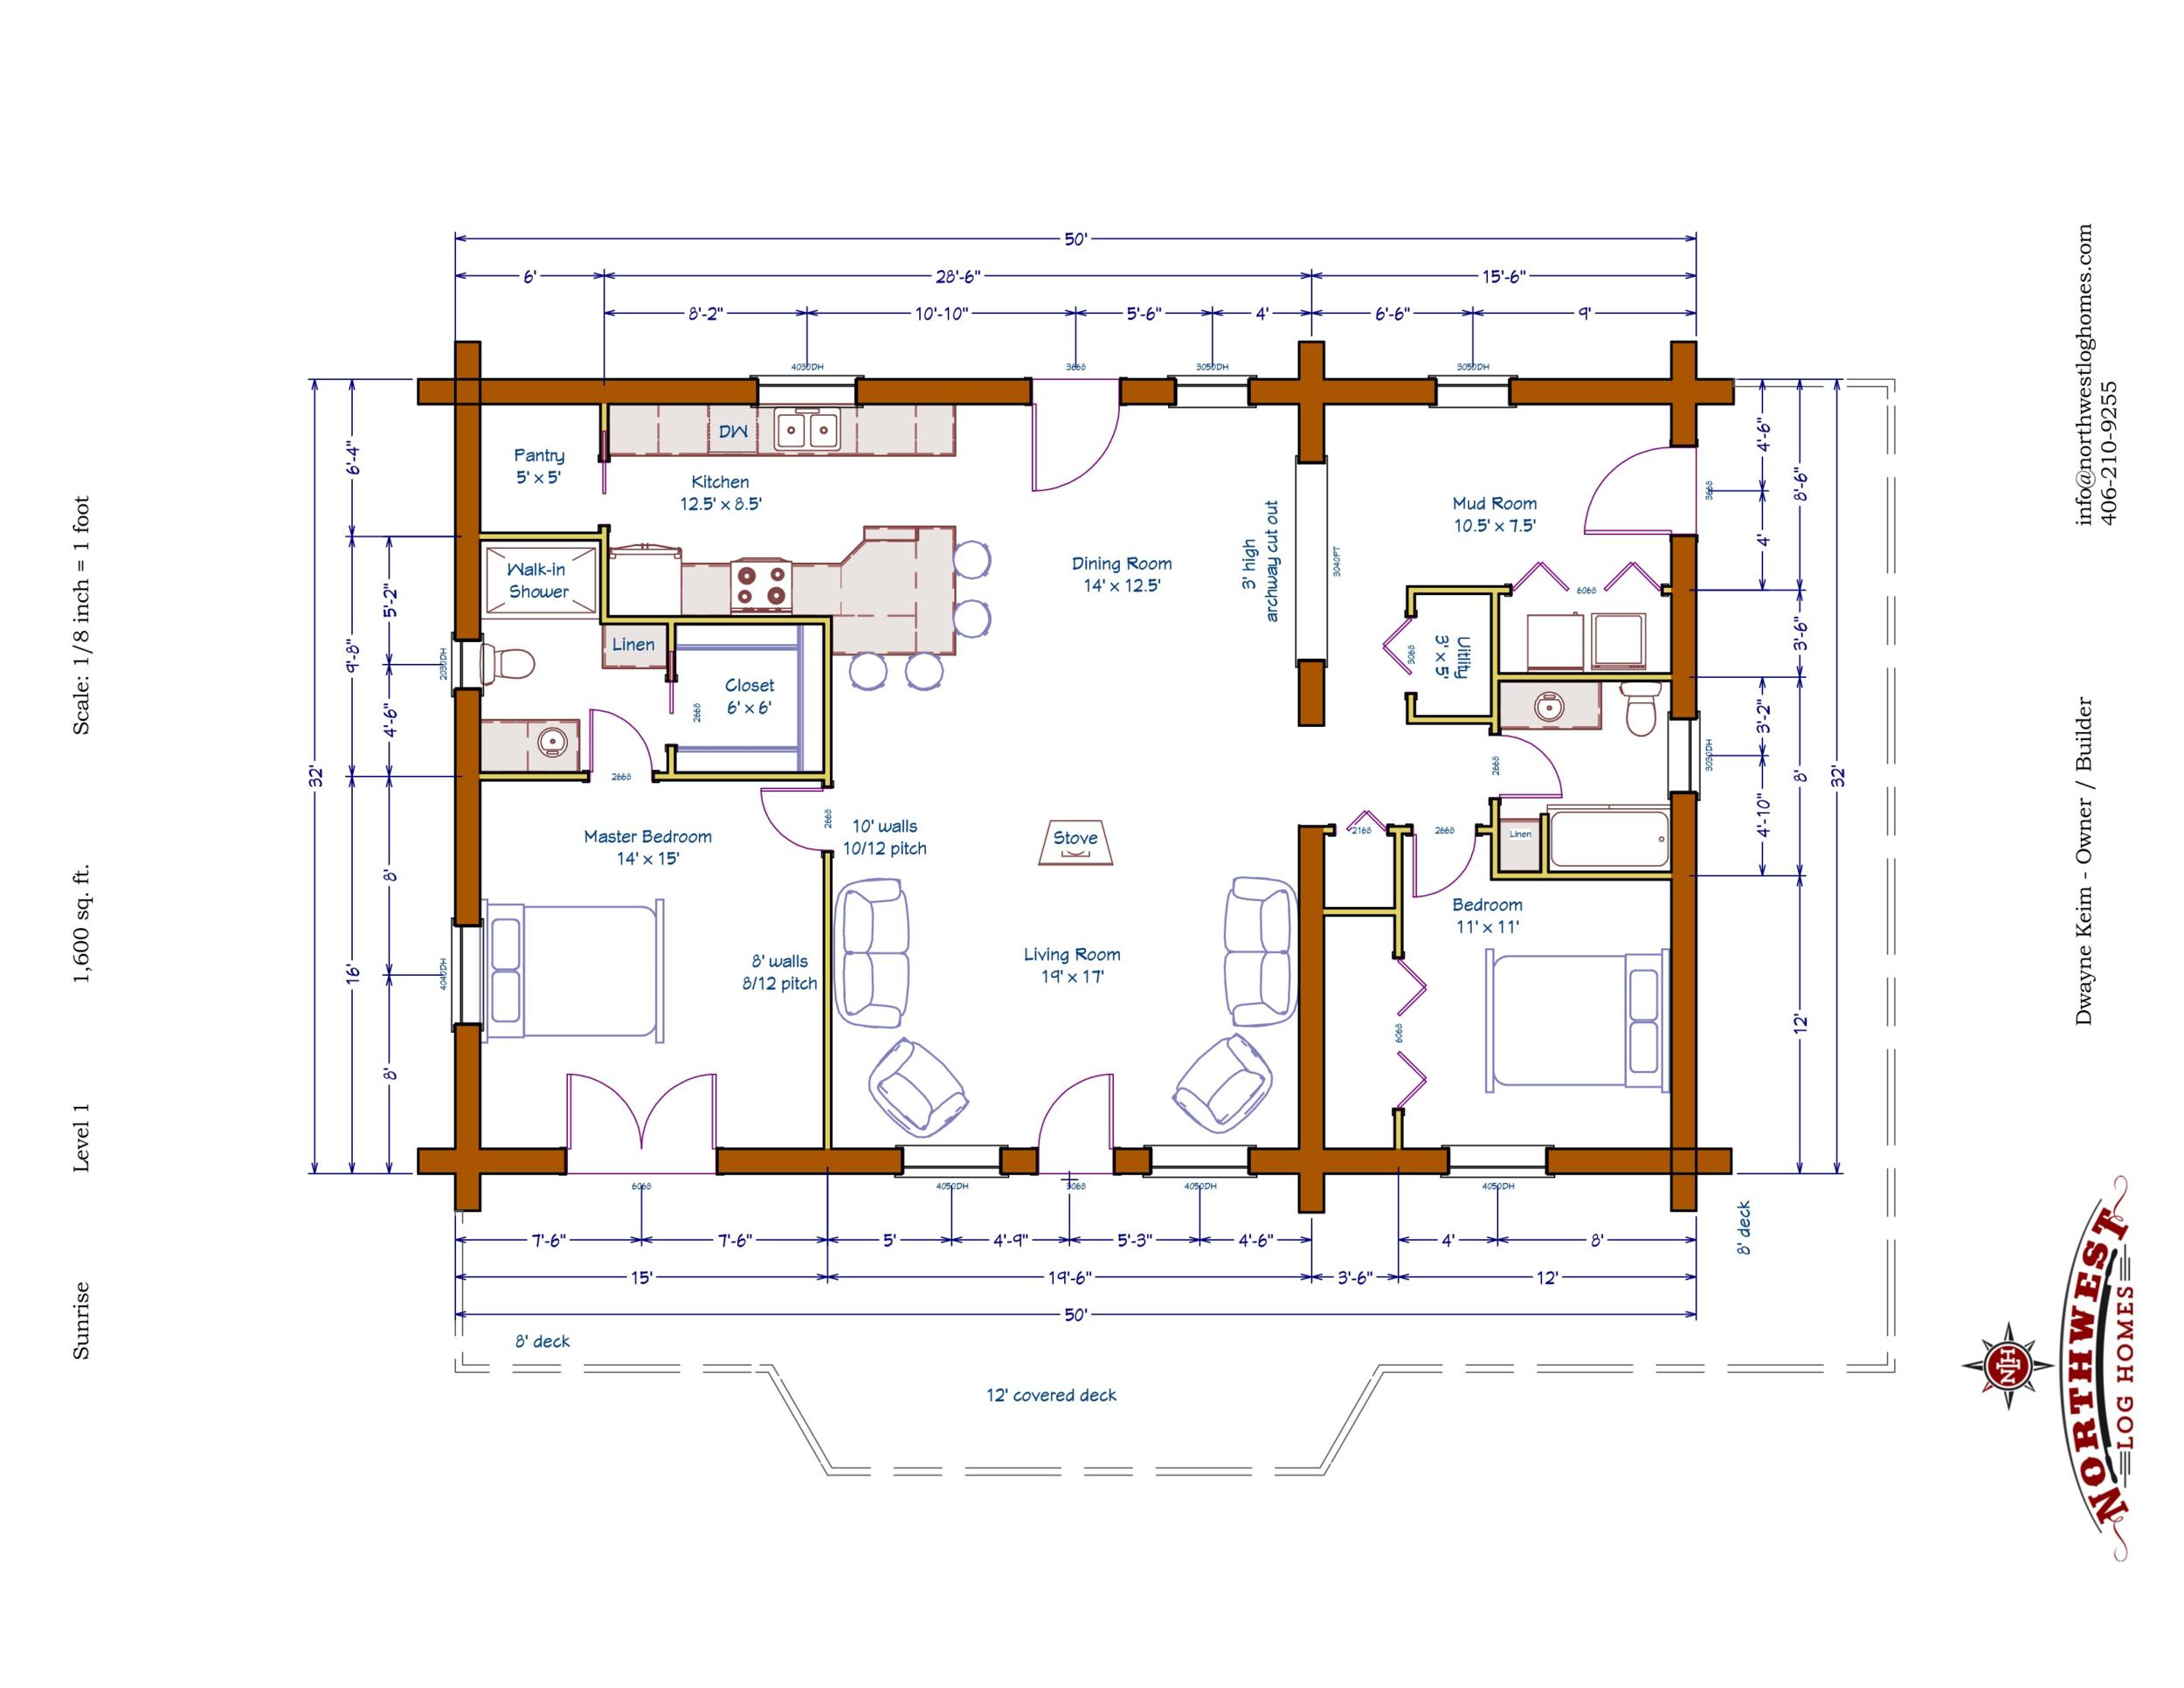 Main Floor - 1,600 sq. ft.